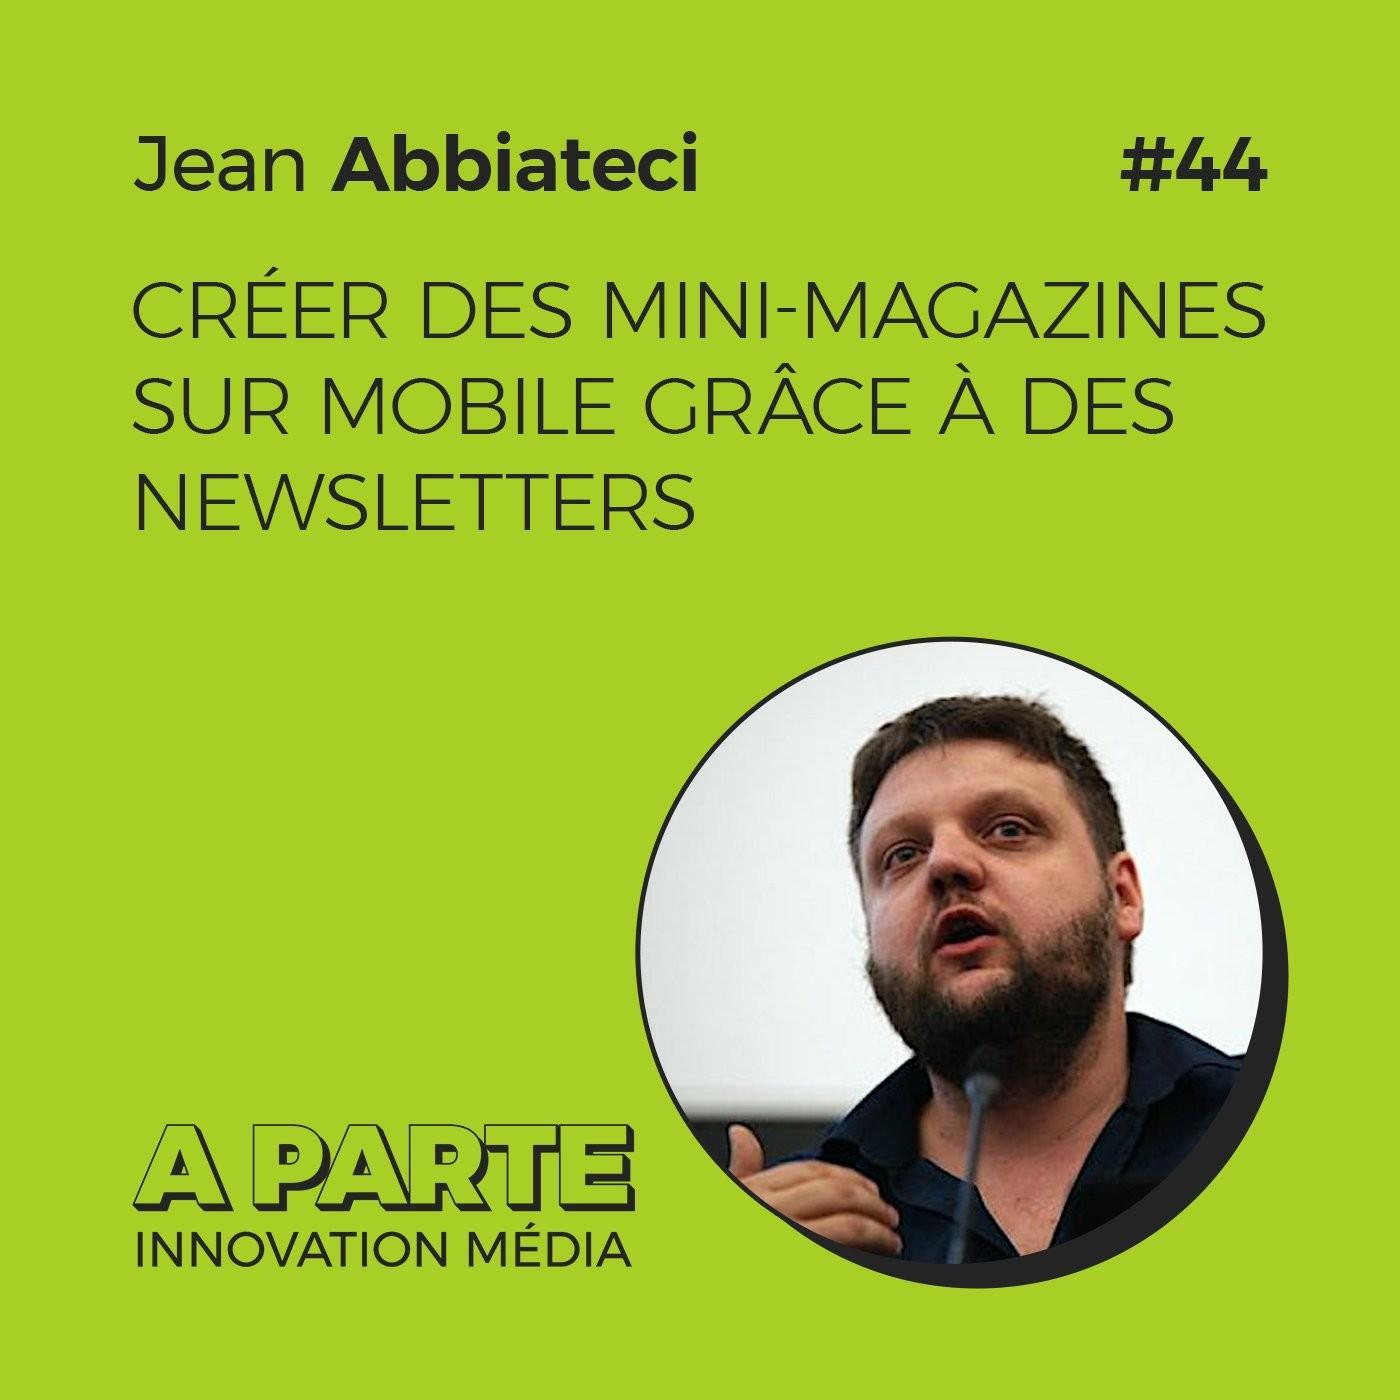 Créer des mini-magazines sur mobile grâce à des newsletters, avec Jean Abbiateci